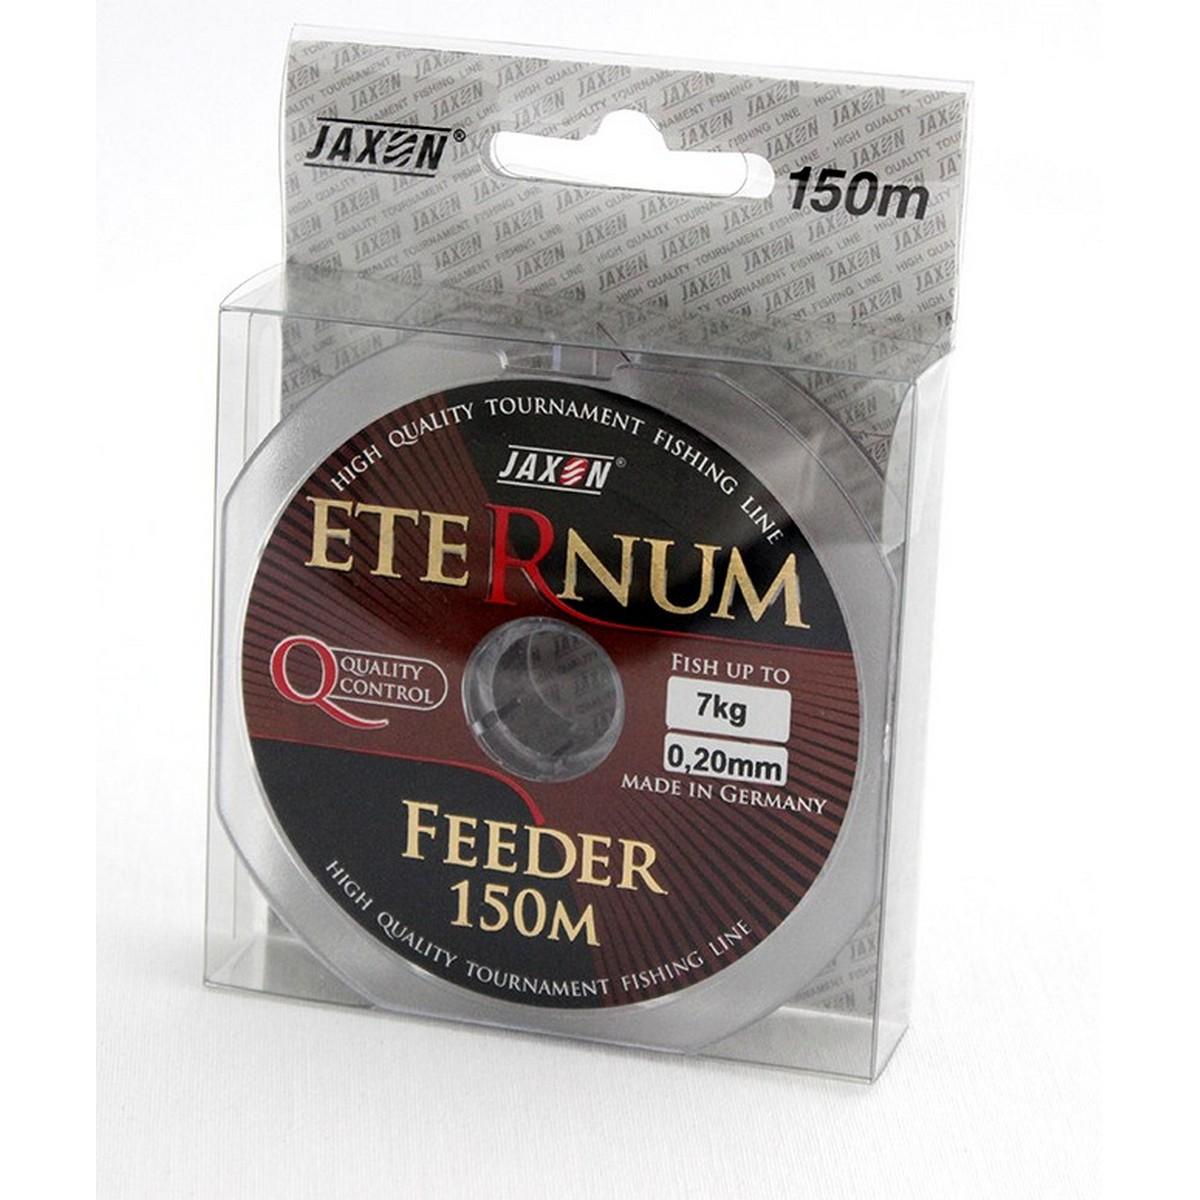 Jaxon Eternum Feeder 150m-0